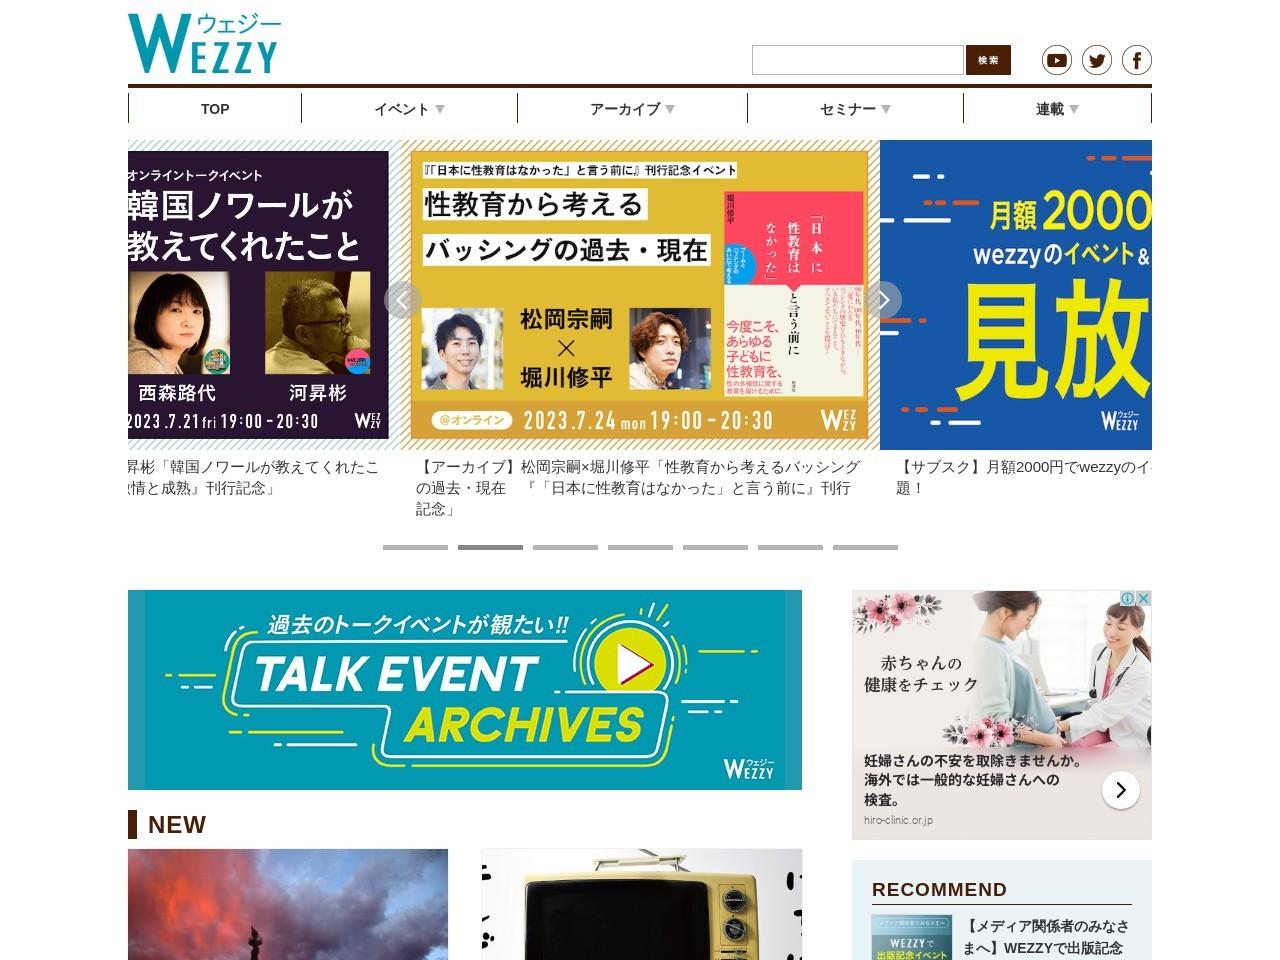 """キンプリ平野紫耀が""""ビジネス天然疑惑""""にショック 「ファンにウソをつくことになる」"""